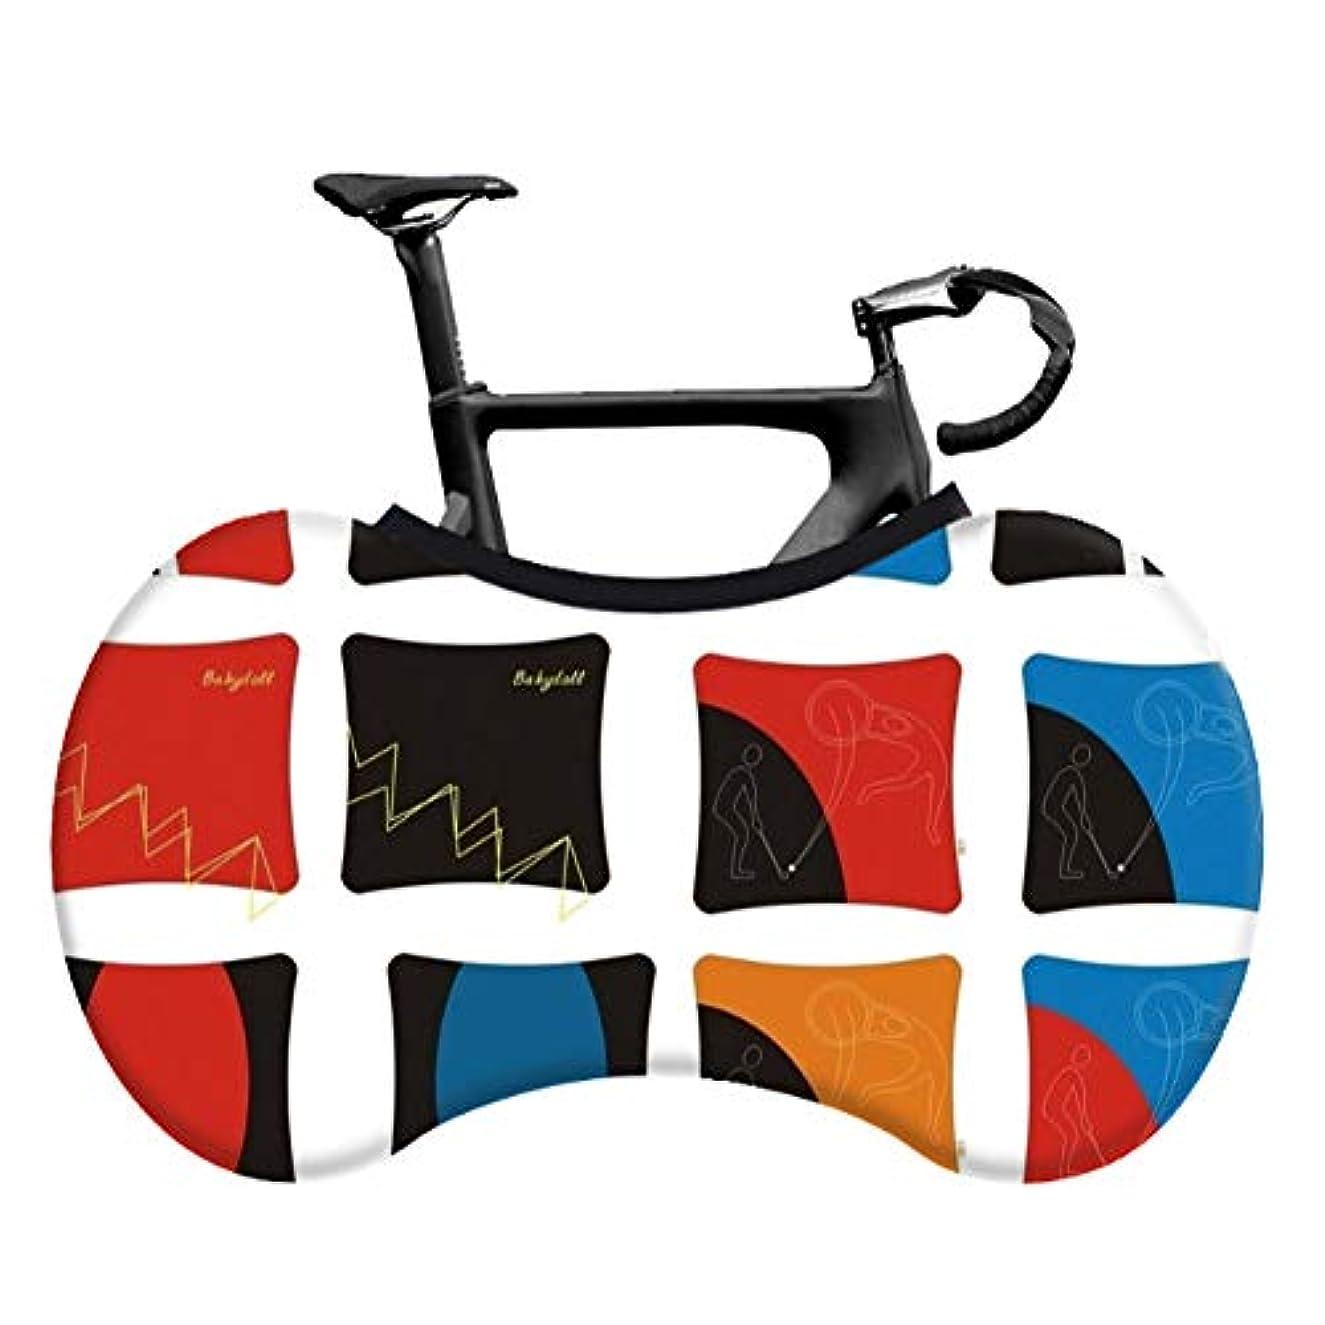 心のこもったそれから検証防塵バイク屋内収納バッグスクラッチプルーフ、洗える弾性自転車スクラッチプルーフプロテクションギアタイヤパッケージ、MTBロードバイク用、床と壁を汚れのない状態に保ちます